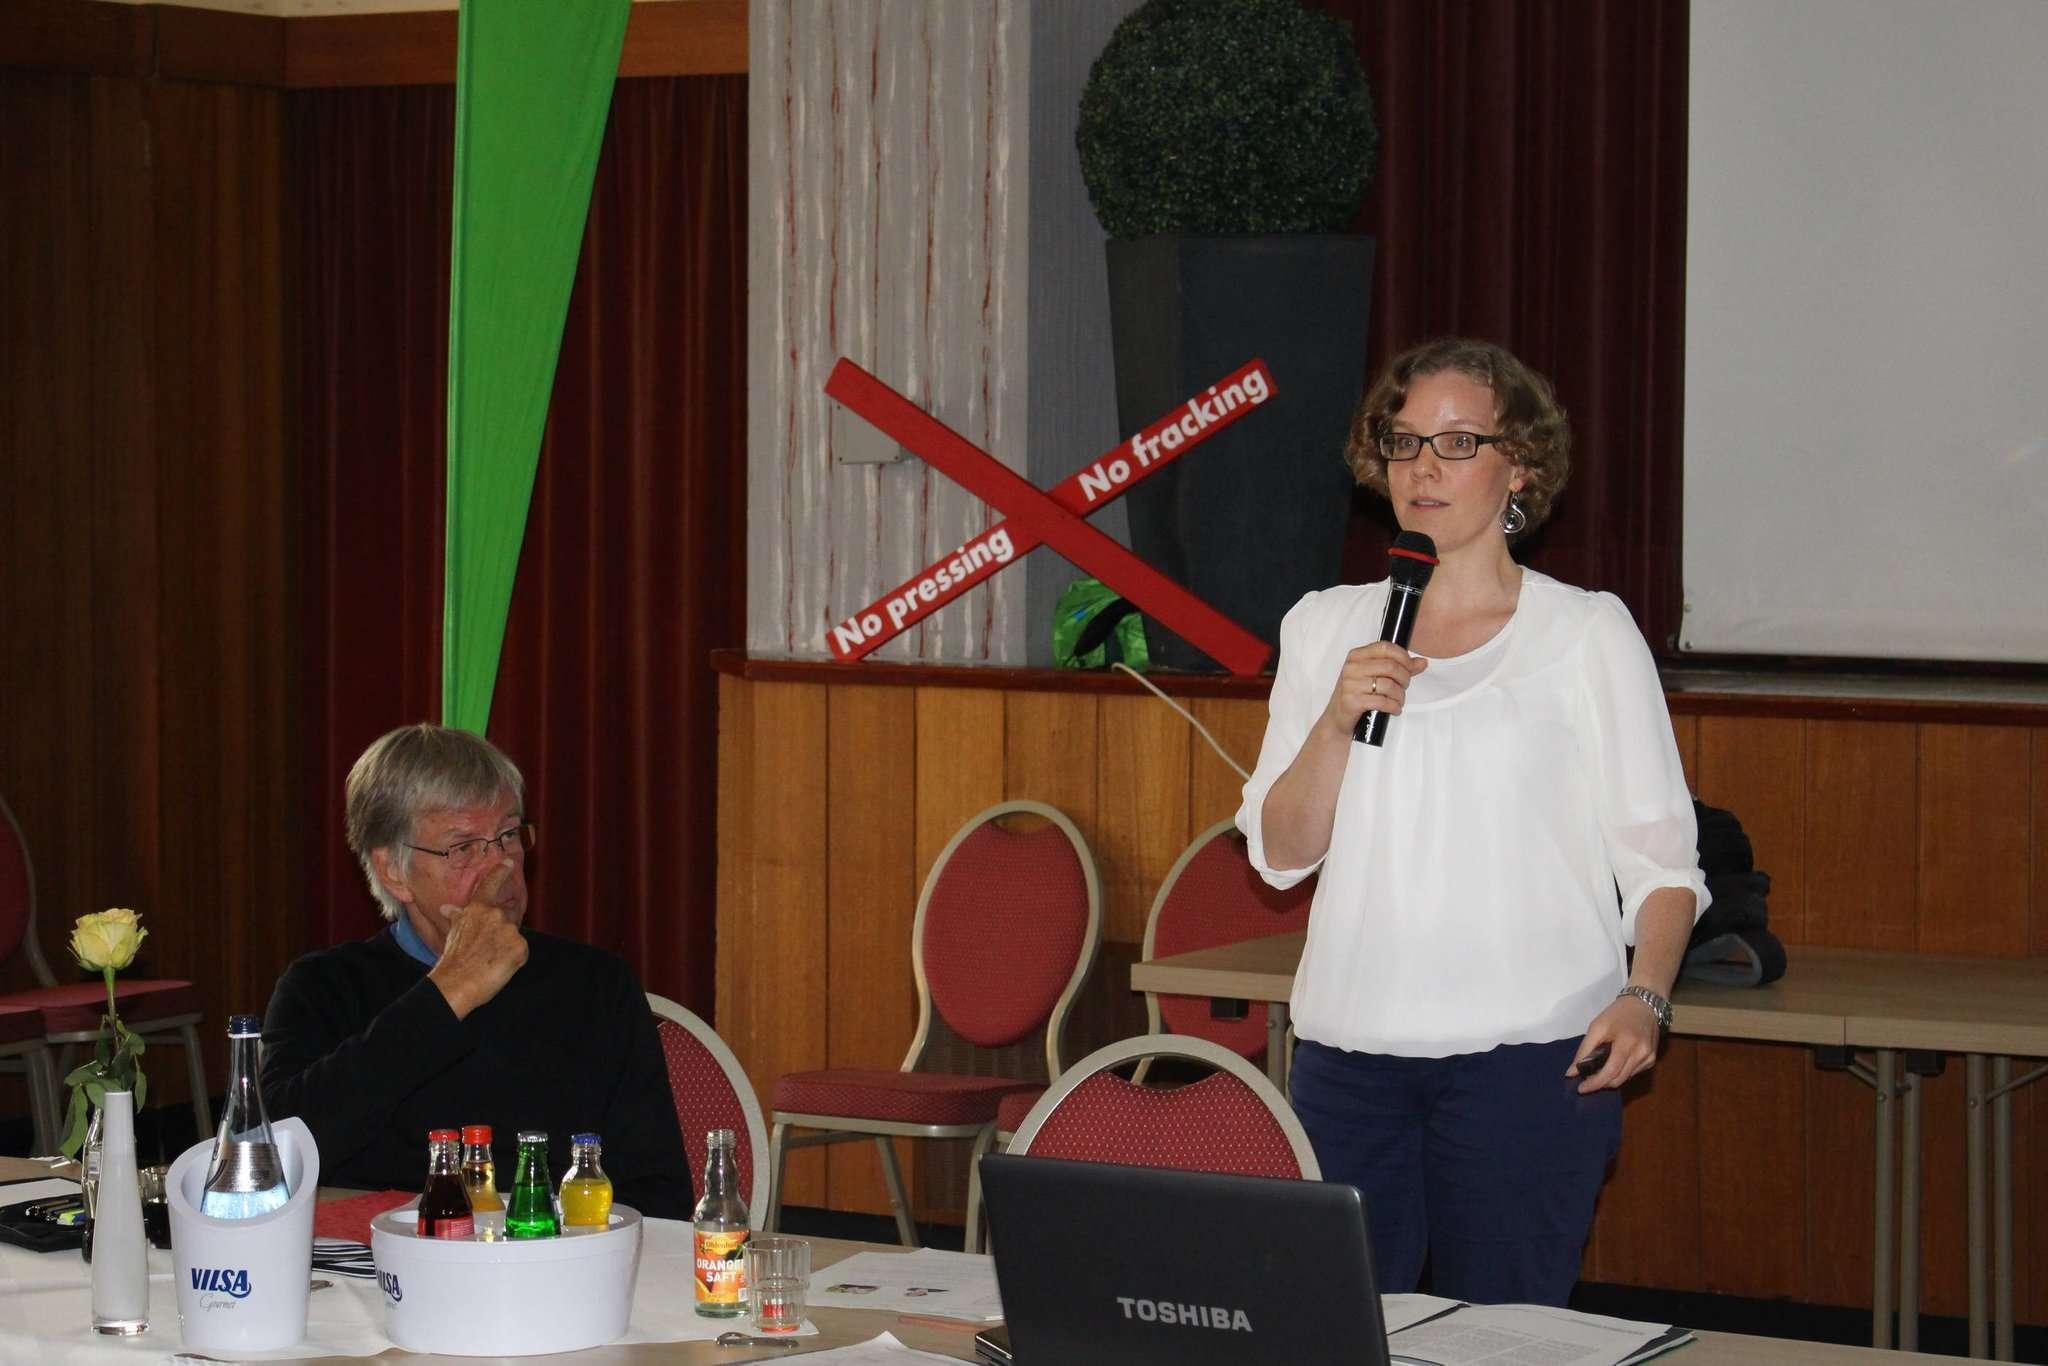 Julia Verlinden referierte über Fracking und die Energiepolitik in der Bundesrepublik.